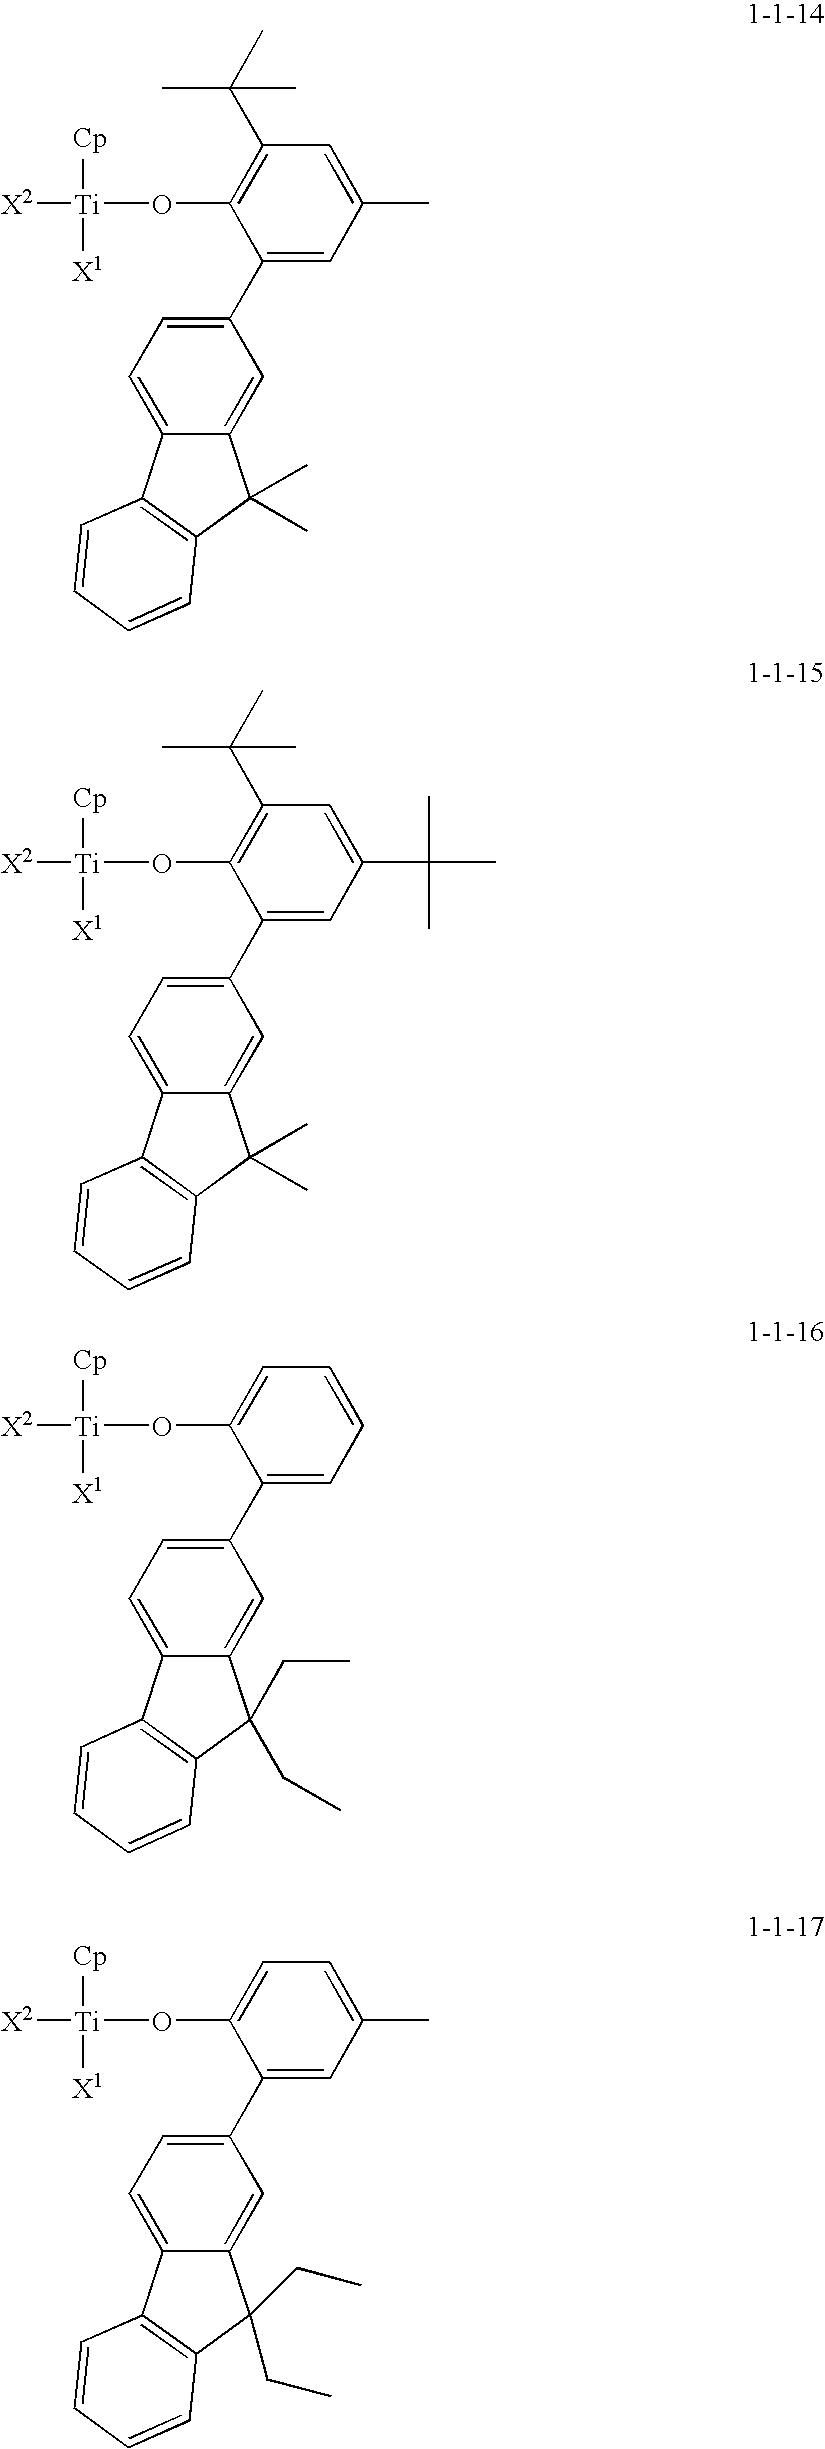 Figure US20100081776A1-20100401-C00073